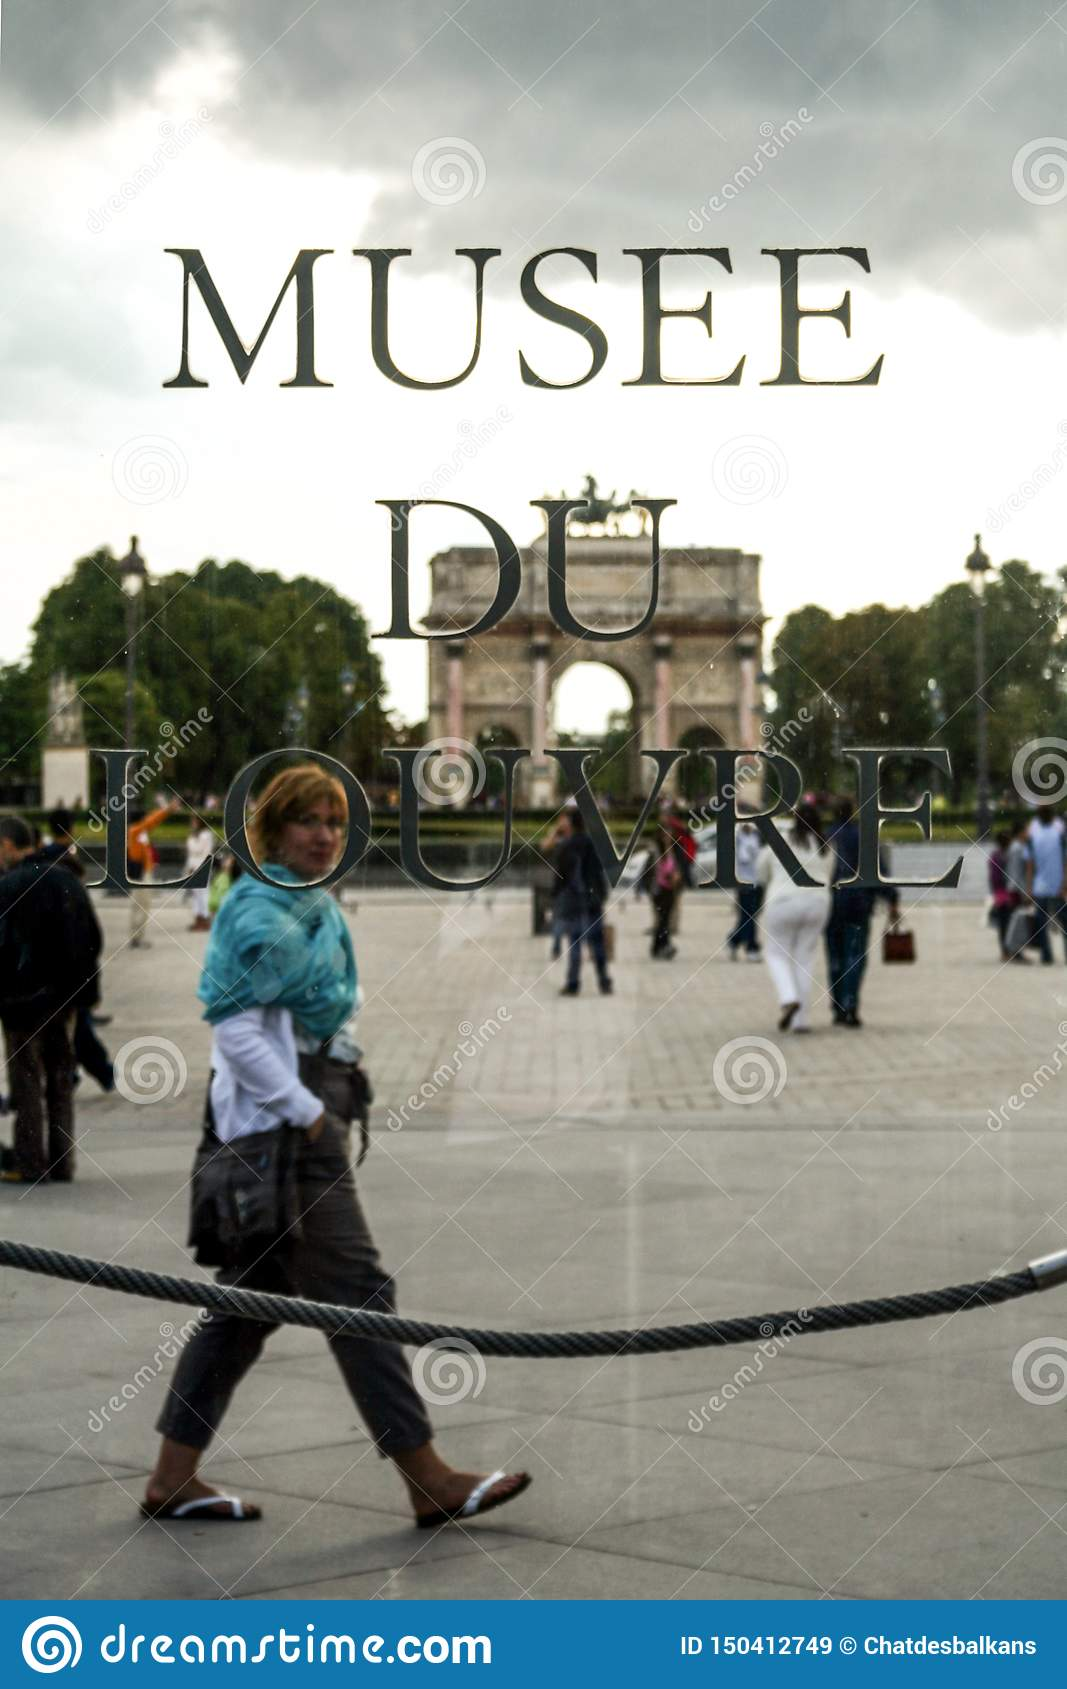 tourist passing behind logo louvre museum musee du louvre front jardin des tuileries garden paris france july